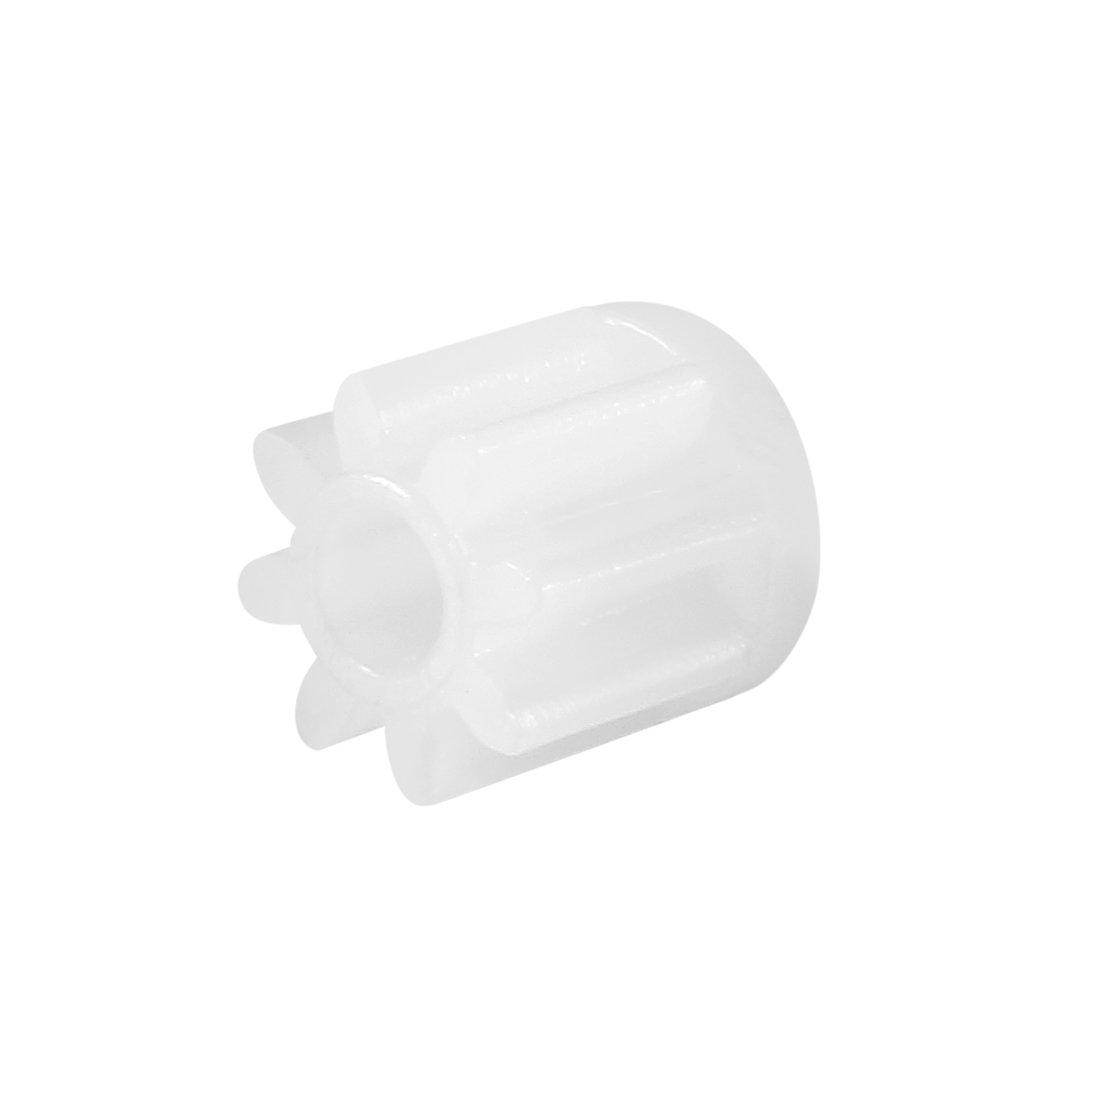 Sourcingmap – Engranajes de plástico reductores de gusanos modelo 082A para motor de robots de coche RC, 30 unidades